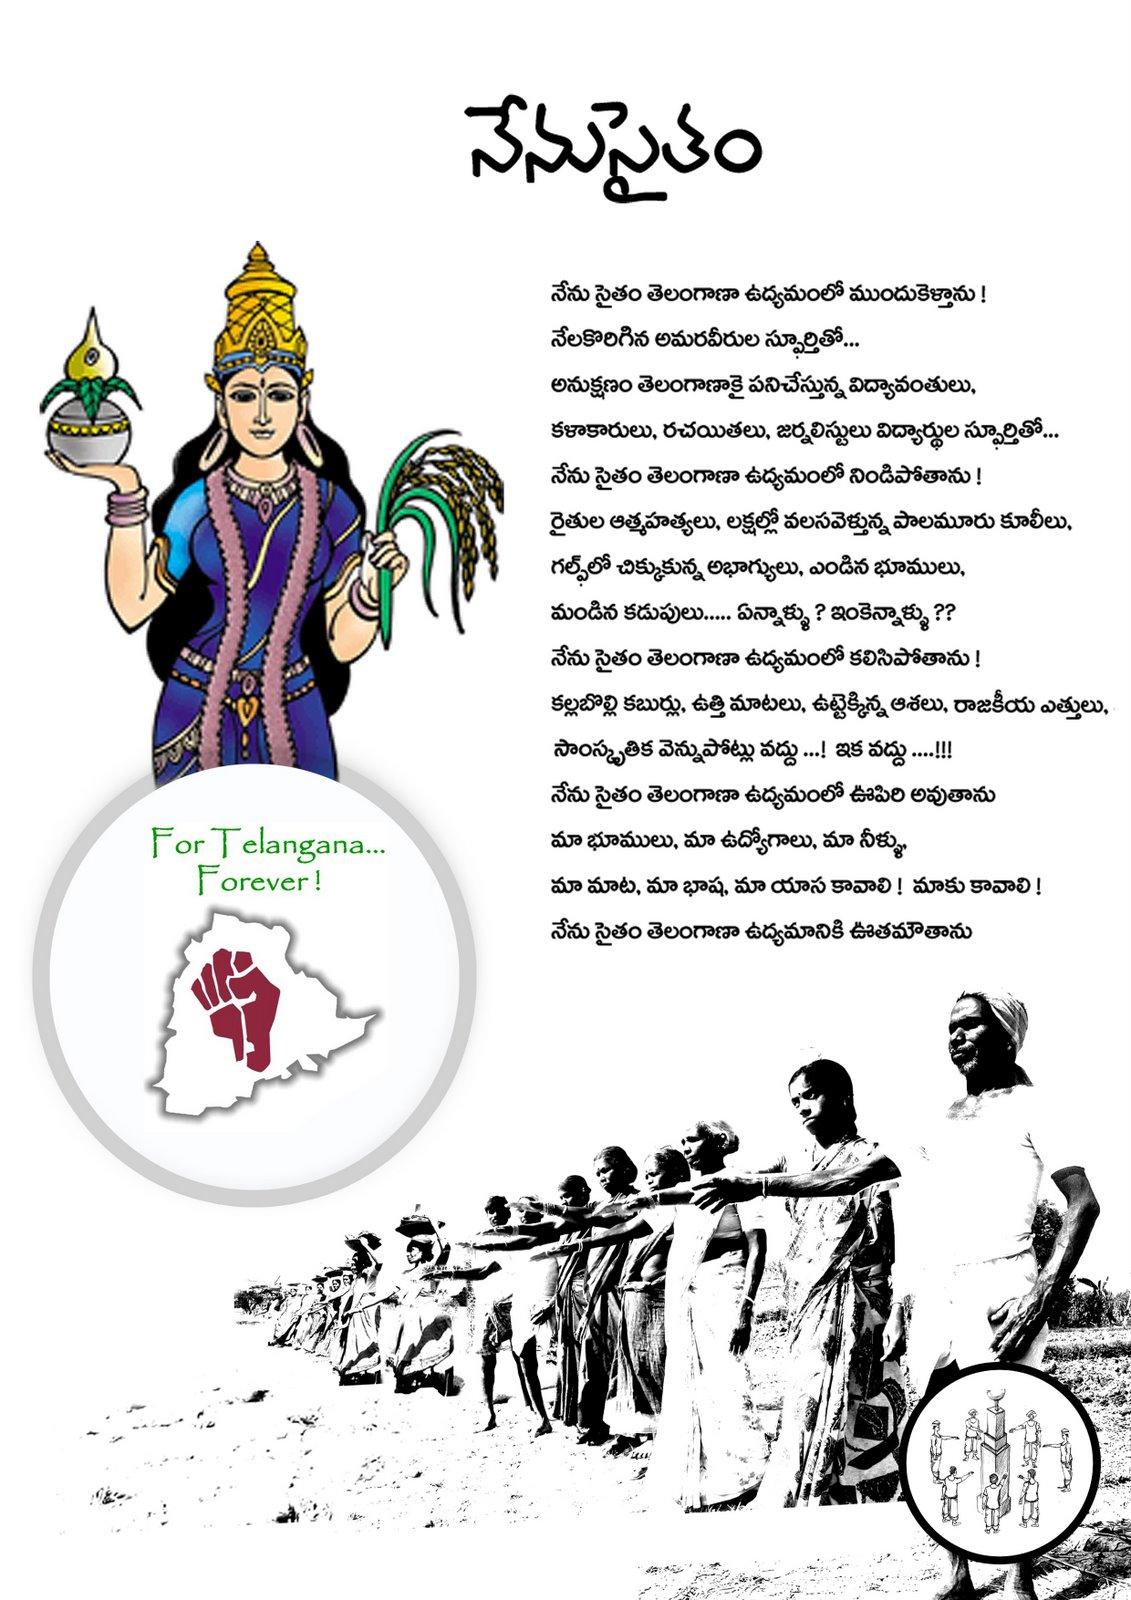 http://2.bp.blogspot.com/_M8JvuJkjZjQ/S_mWKU7JZNI/AAAAAAAAAH8/XZMIkvGsyhw/s1600/telangana-poster.jpg